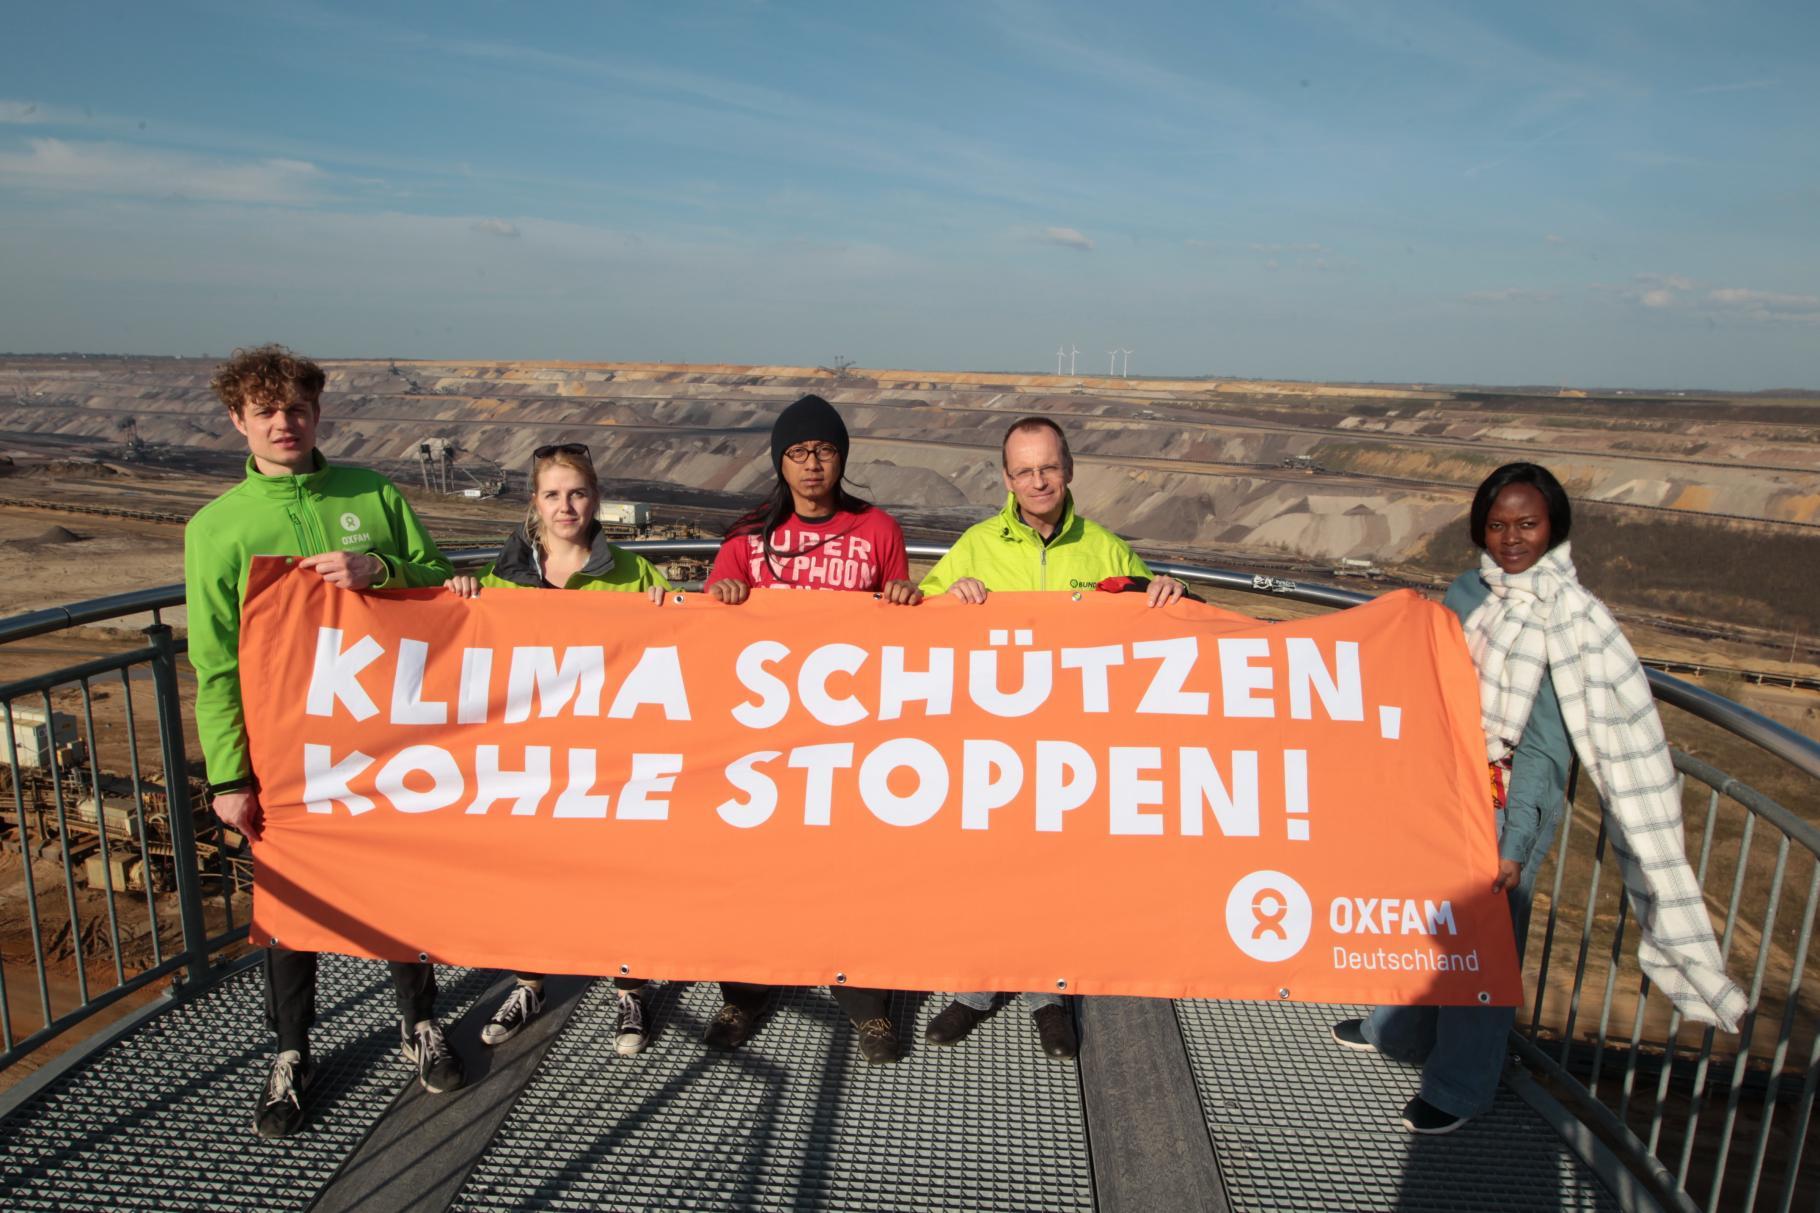 """Klimazeug/innen und Vetreter/innen von Oxfam und BUND fordern mit einem Transparent vor dem Braunkohlebau Garzweiler """"Klima schützen, Kohle stoppen!"""""""